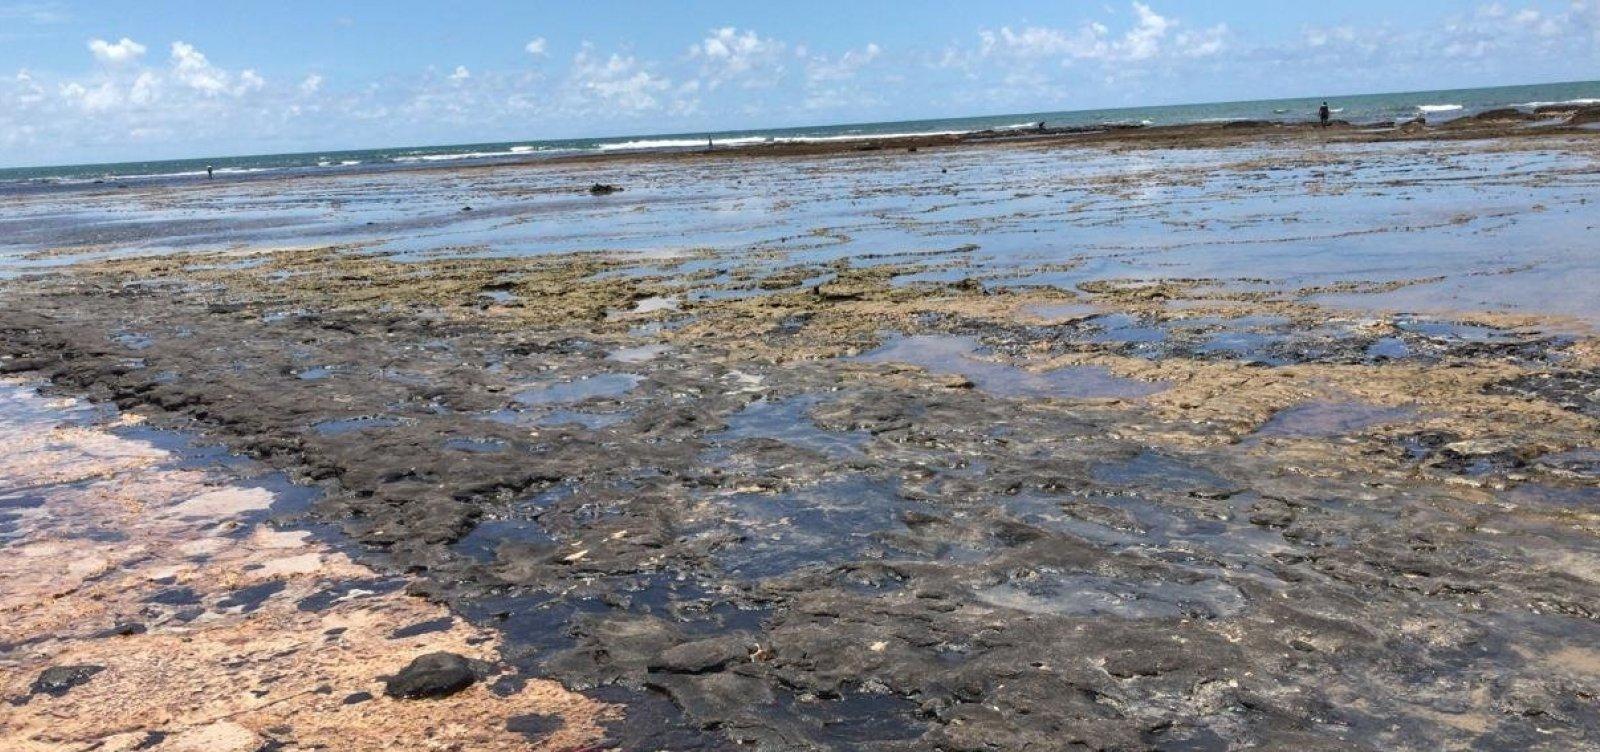 Óleo coletado por voluntários em Itacimirim volta ao mar após descaso de órgãos responsáveis